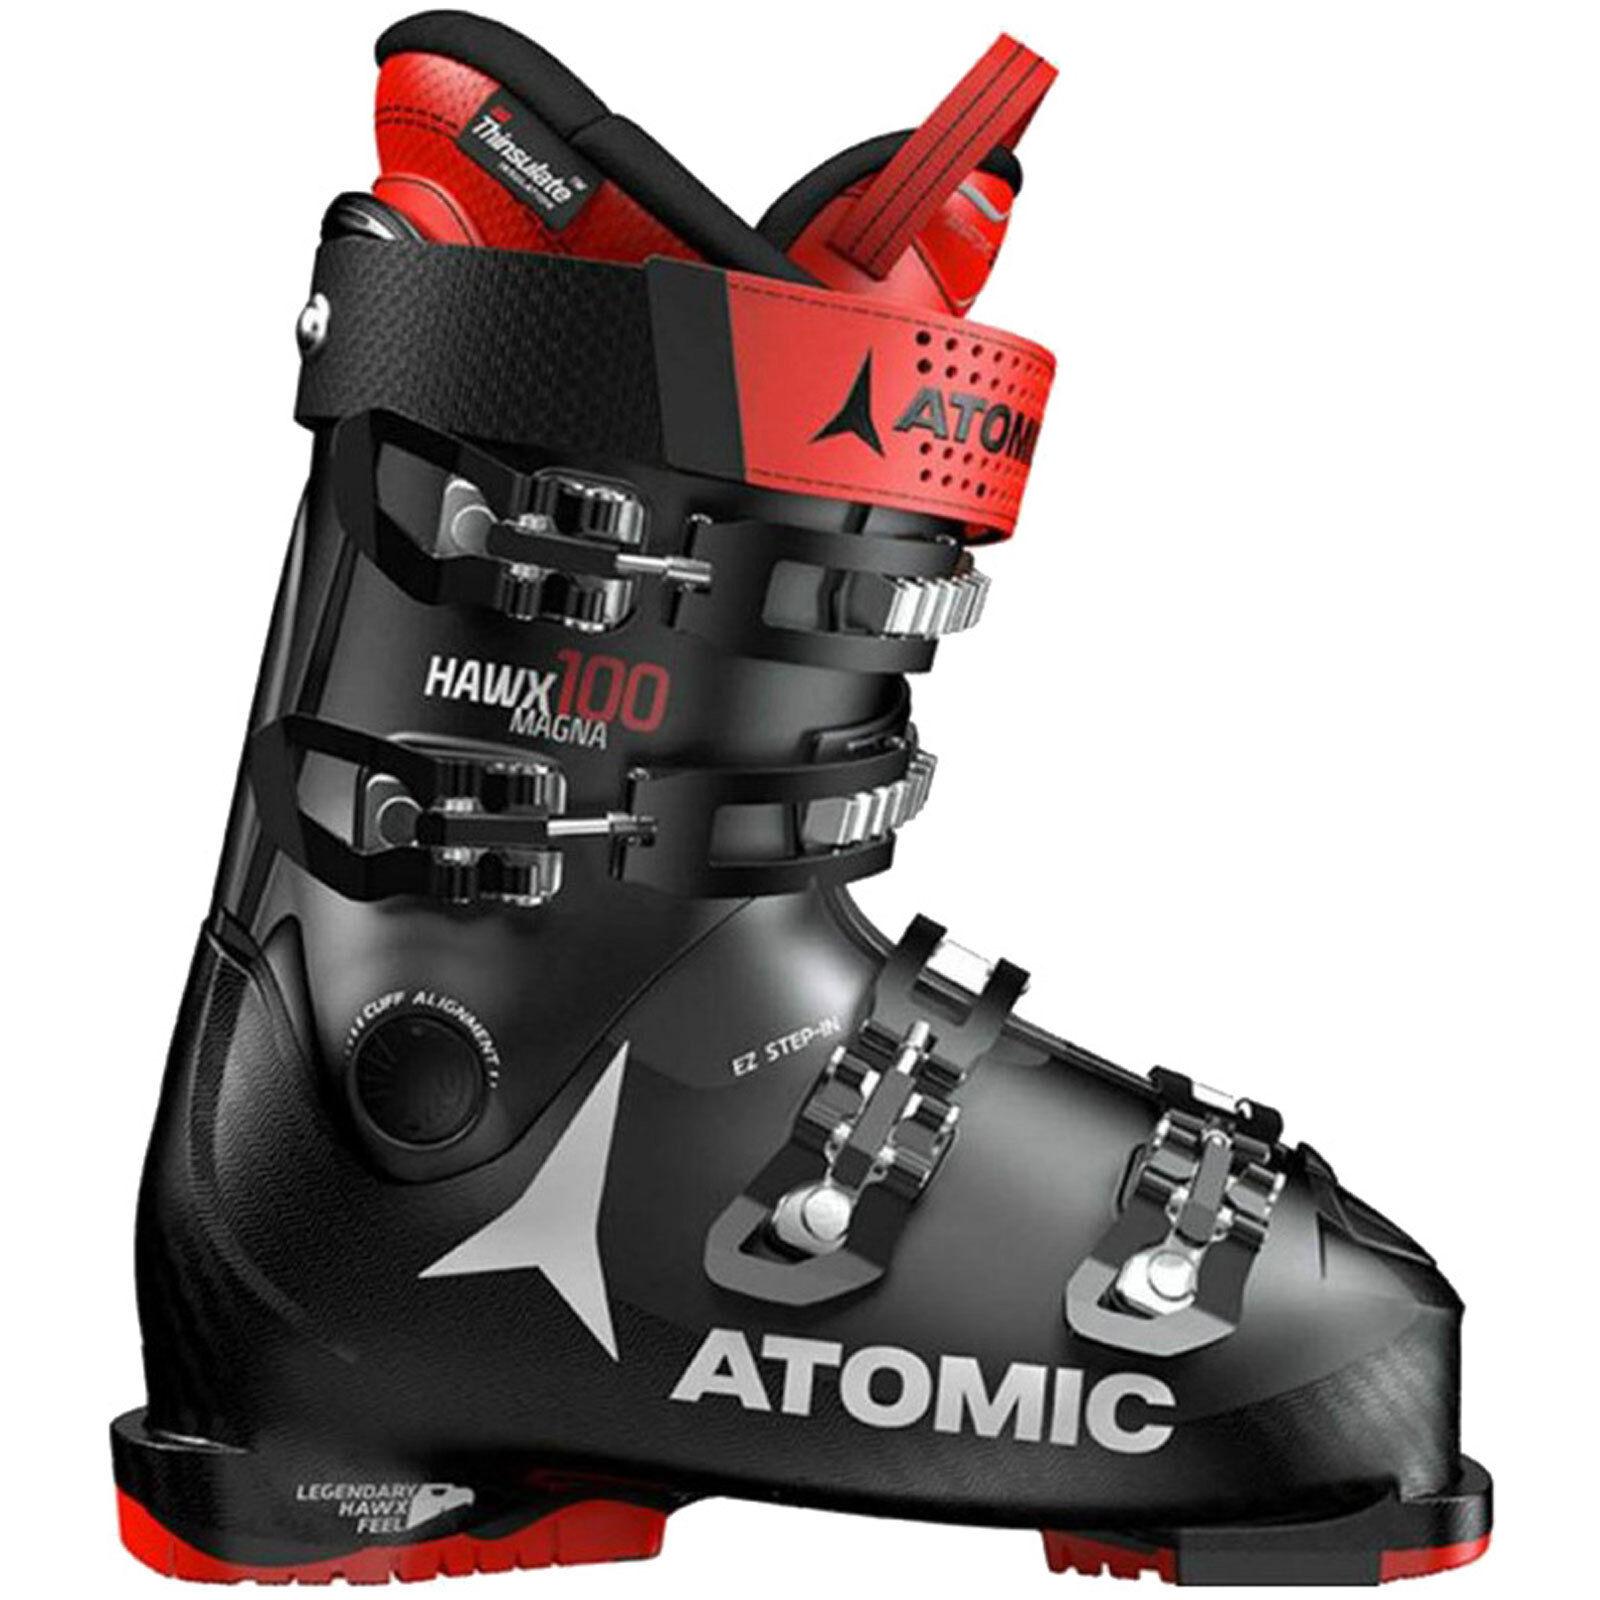 Atomic Hawx Magna 100 uomo-Skiscarpe Scarpe Sci Stivali Scarponi da